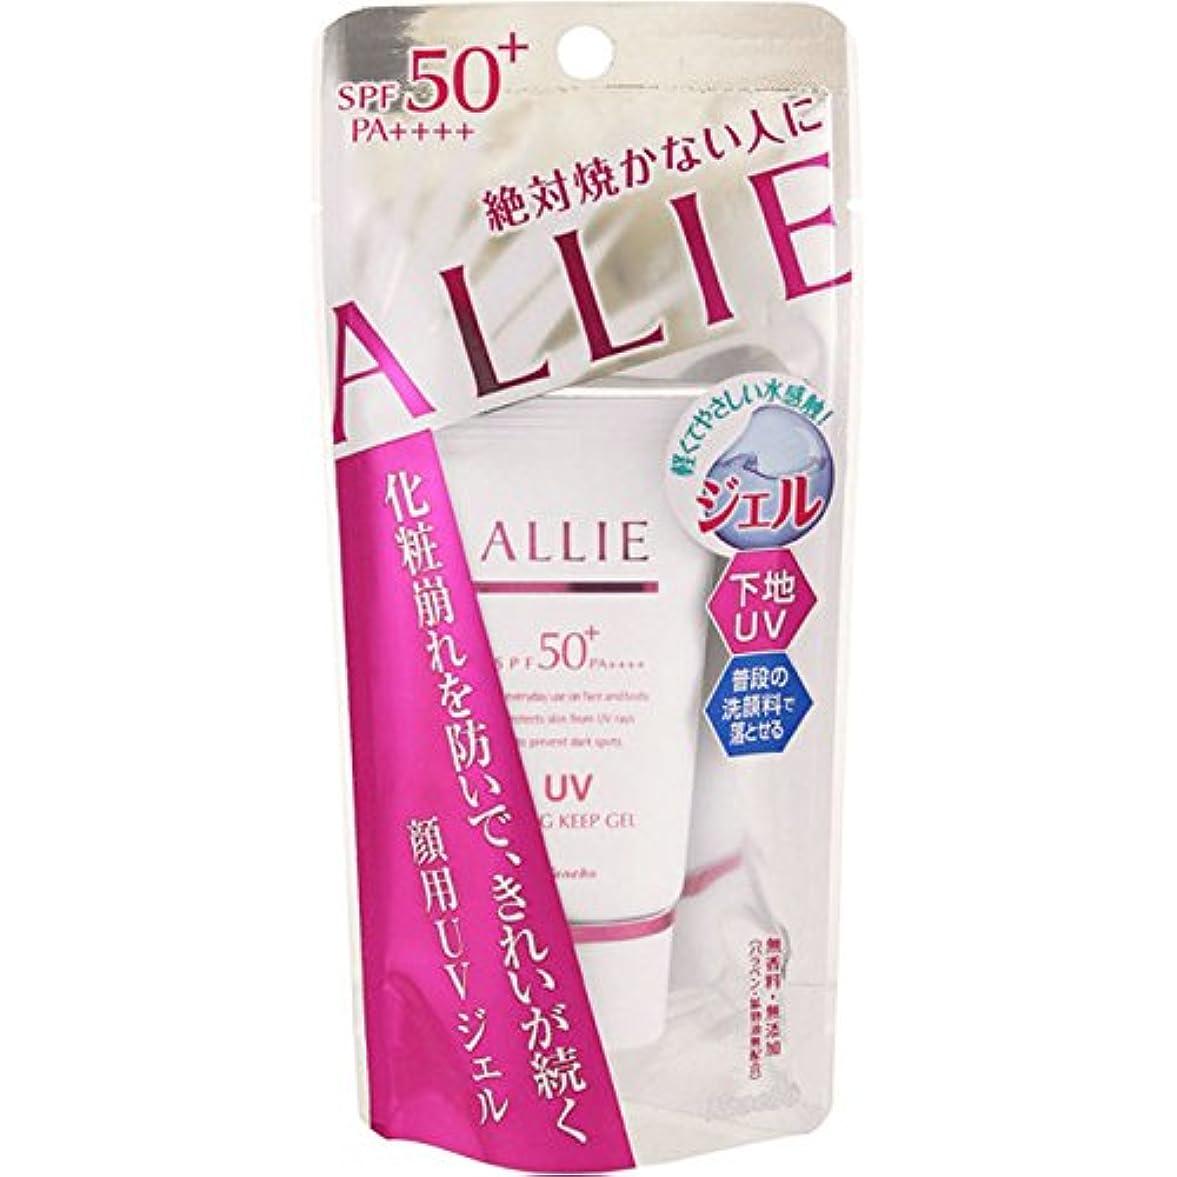 過度にバトル頬【カネボウ】 ALLIE(アリィー) エクストラUVジェル(ヴェールキープ) 25g (SPF50+/PA++++)